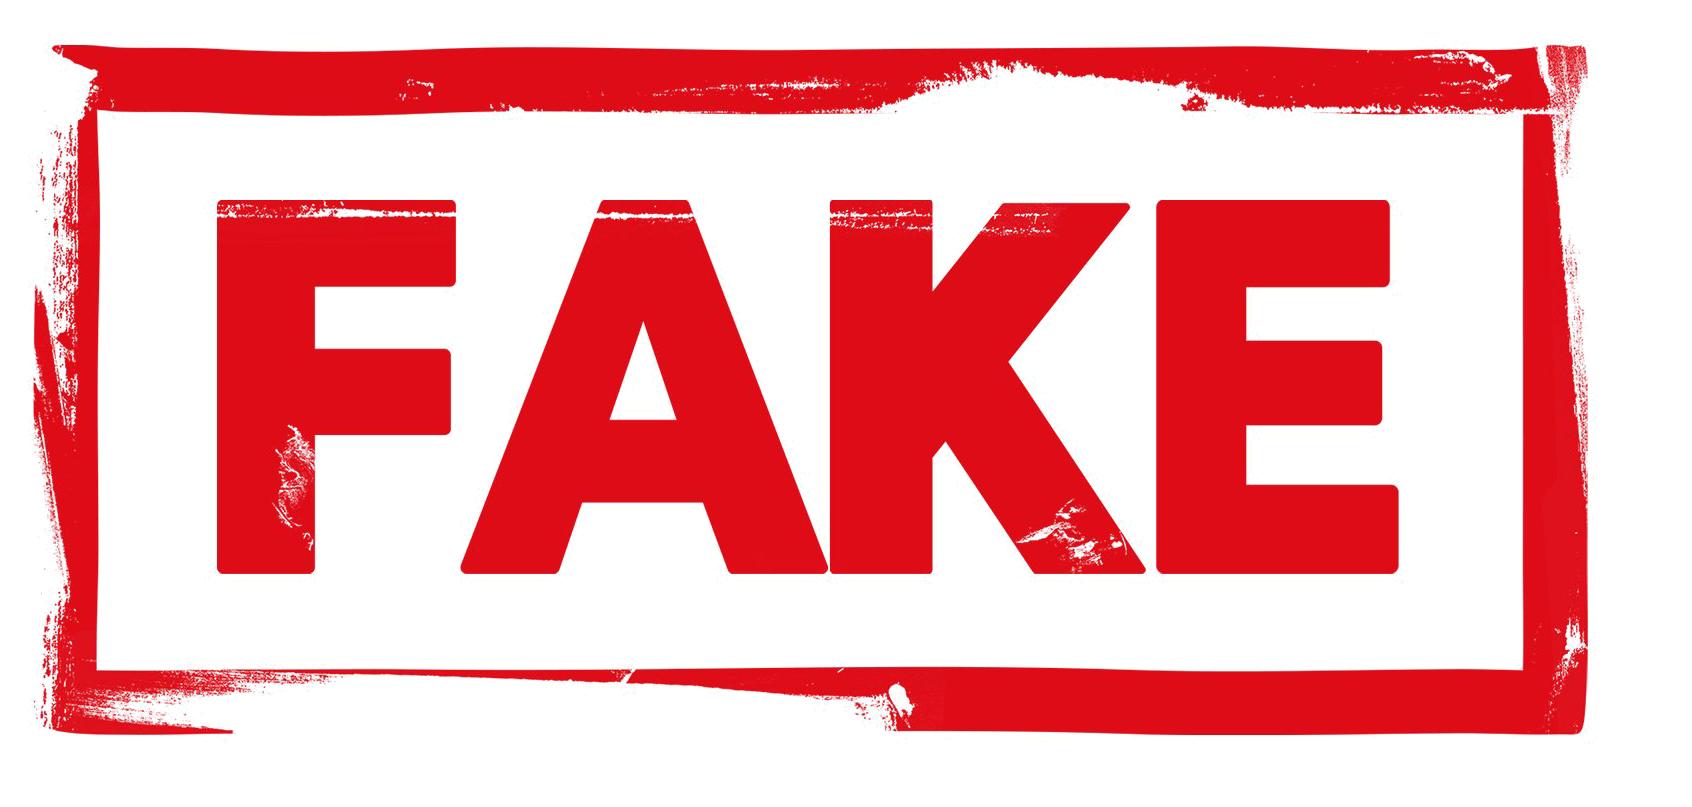 Fake Stamp PNG Image File